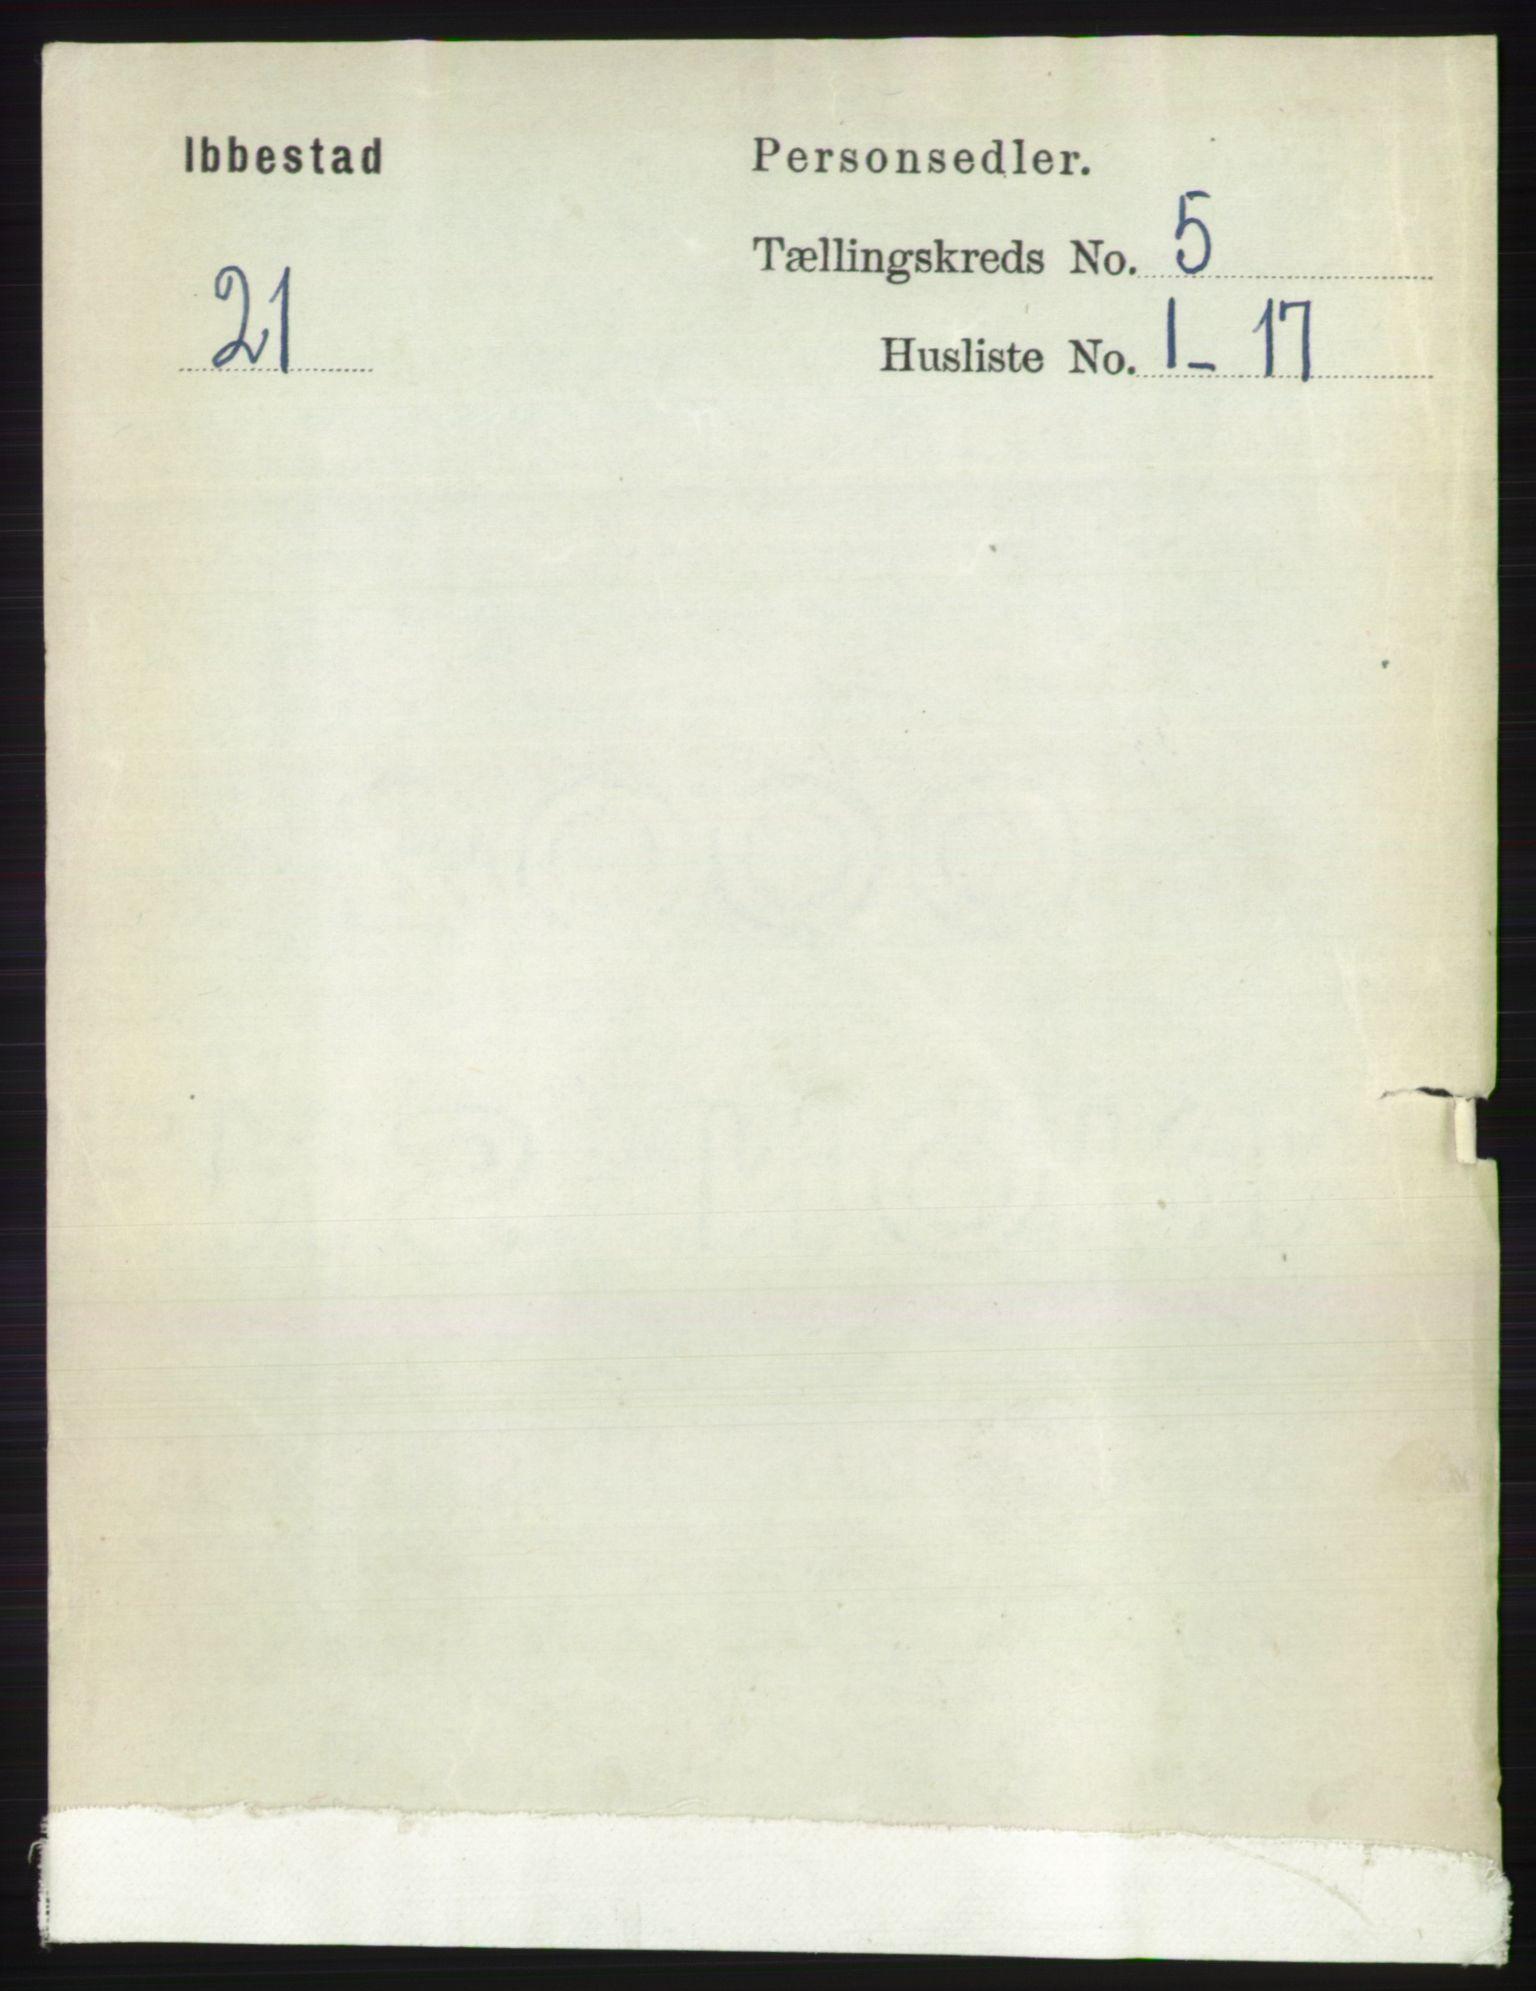 RA, Folketelling 1891 for 1917 Ibestad herred, 1891, s. 2932